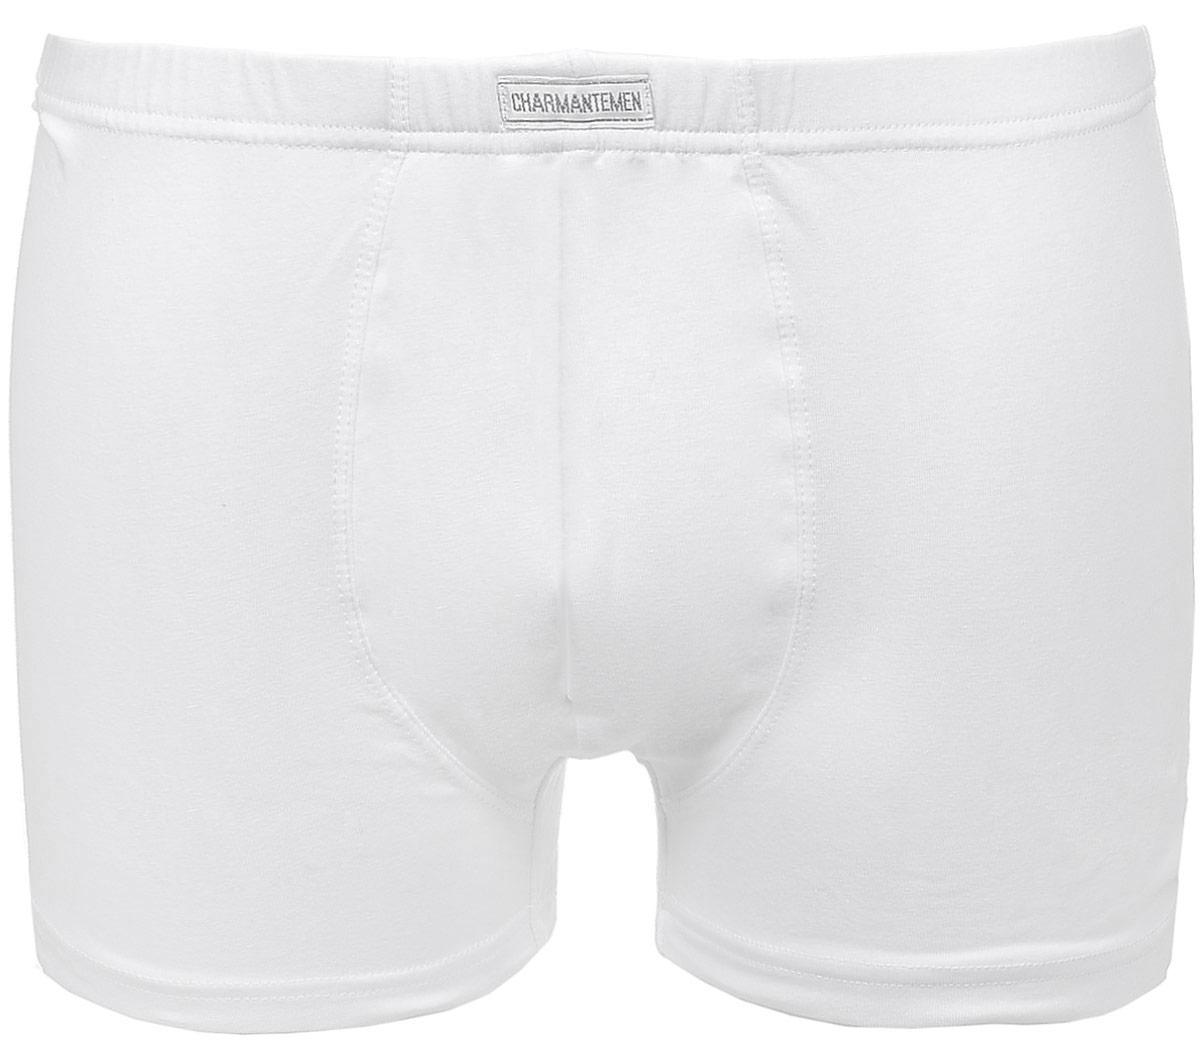 Трусы-боксеры мужские Charmante, цвет: белый. ICMBX 671602А. Размер XXL (54) трусы боксеры diesel 00sj54 0kapm 912